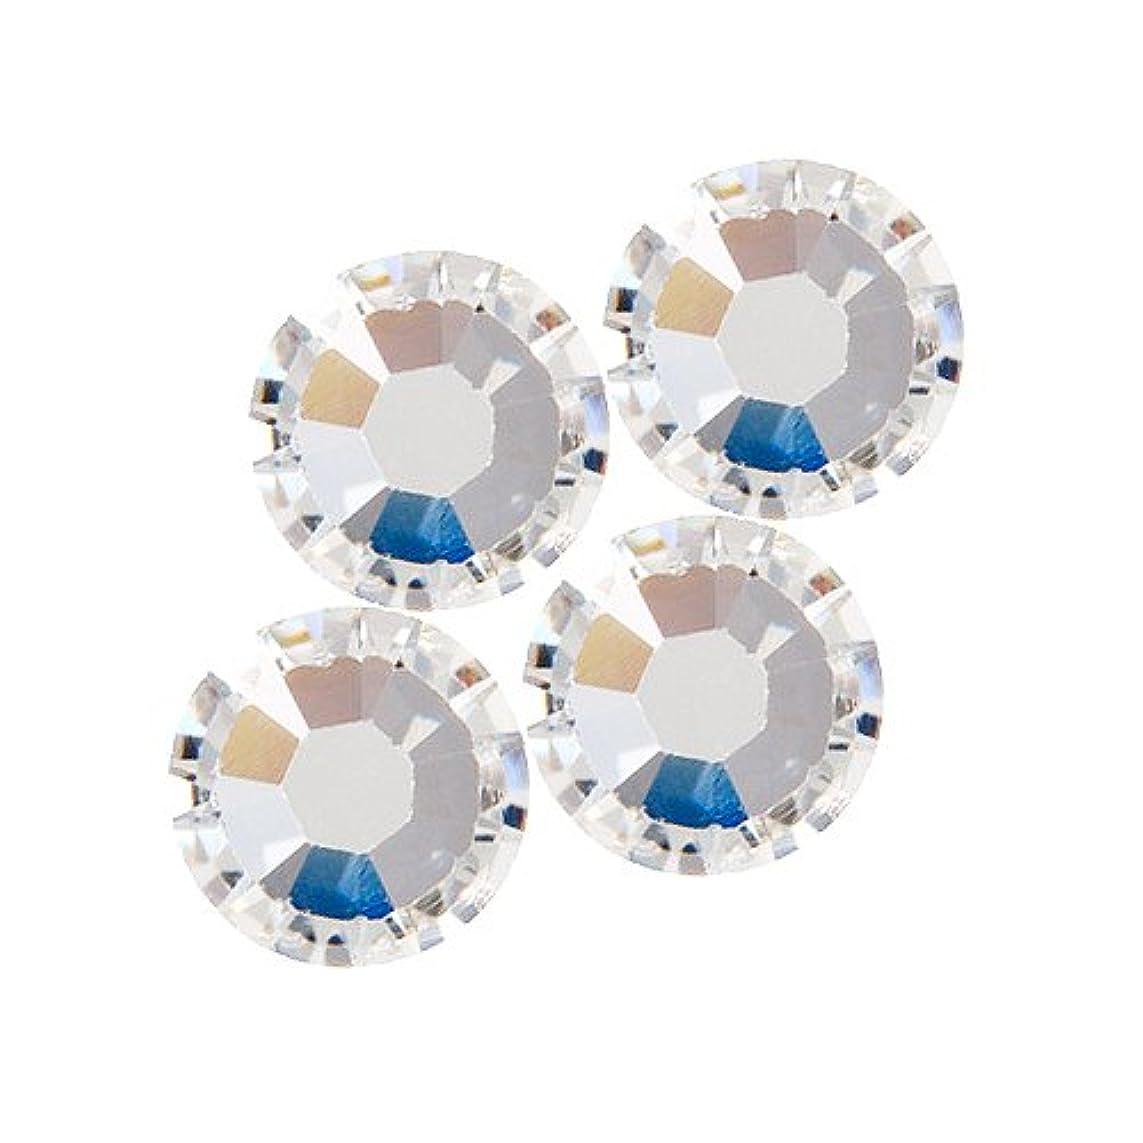 従来の既に厚さバイナル DIAMOND RHINESTONE  クリスタル SS10 1440粒 ST-SS10-CRY-10G